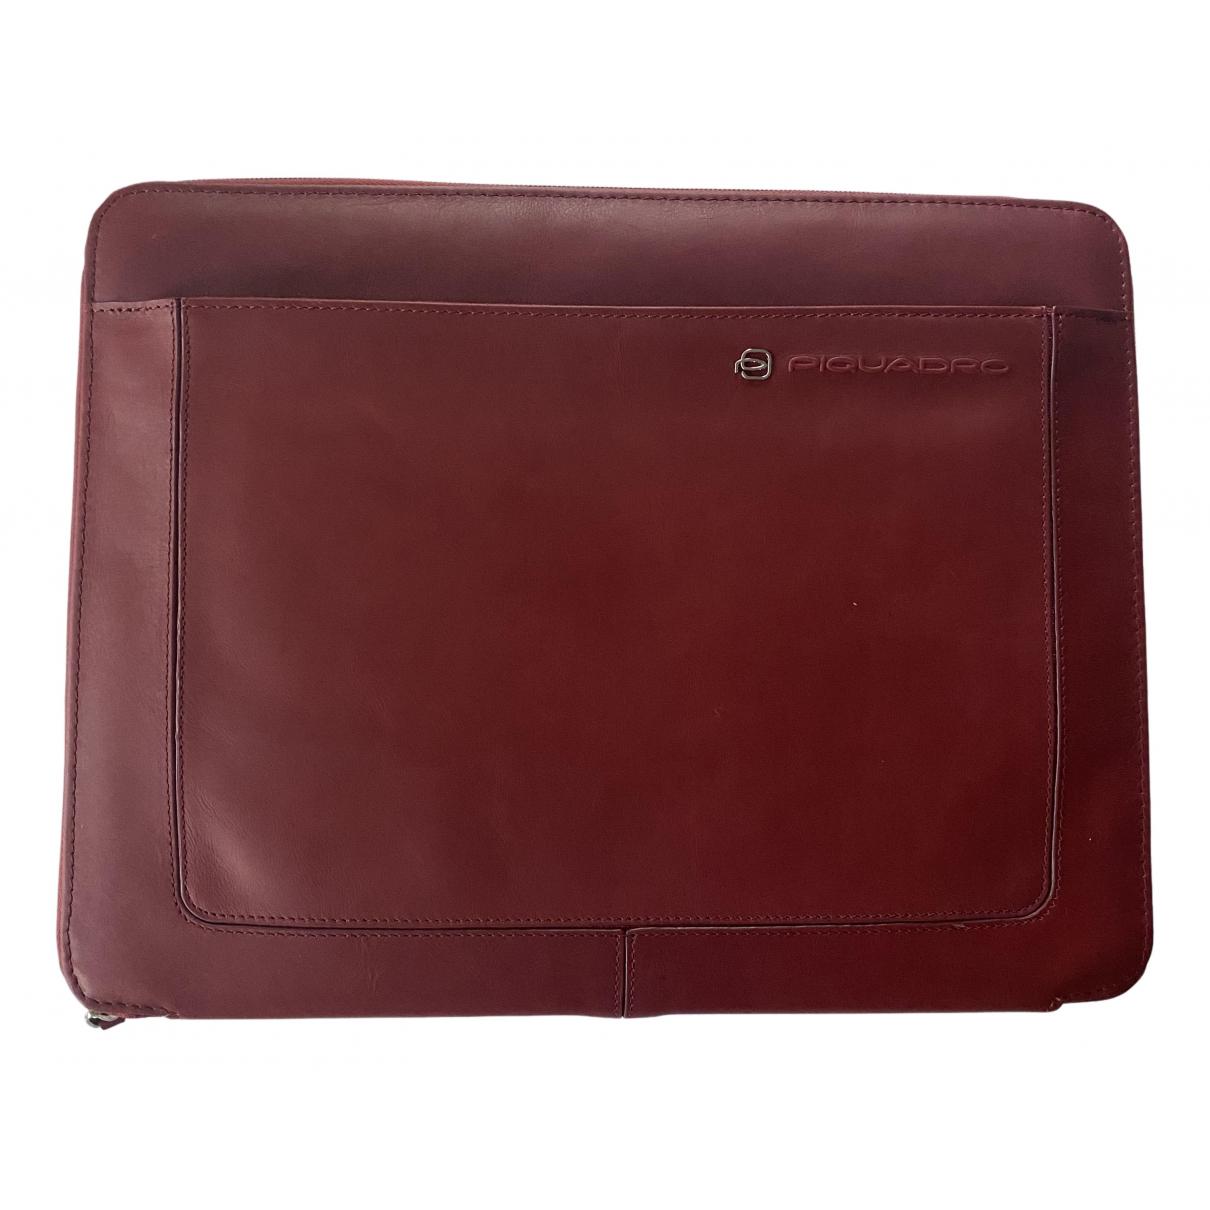 Piquadro - Accessoires   pour lifestyle en cuir - bordeaux